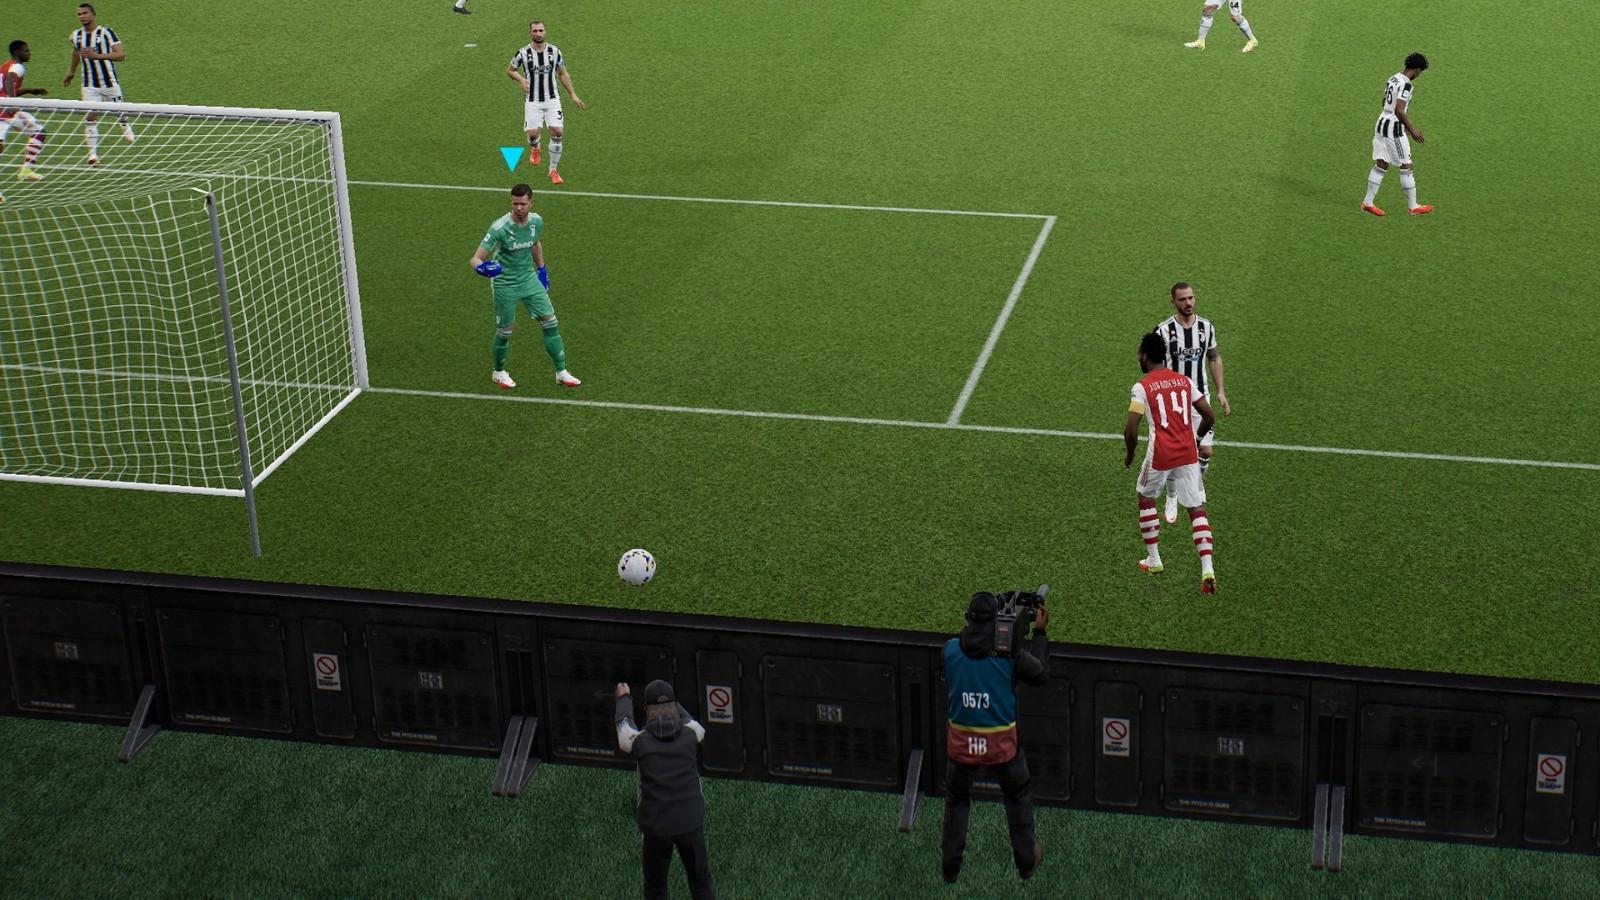 《eFootball 2022》上架Steam 特别版套装预购开启插图11